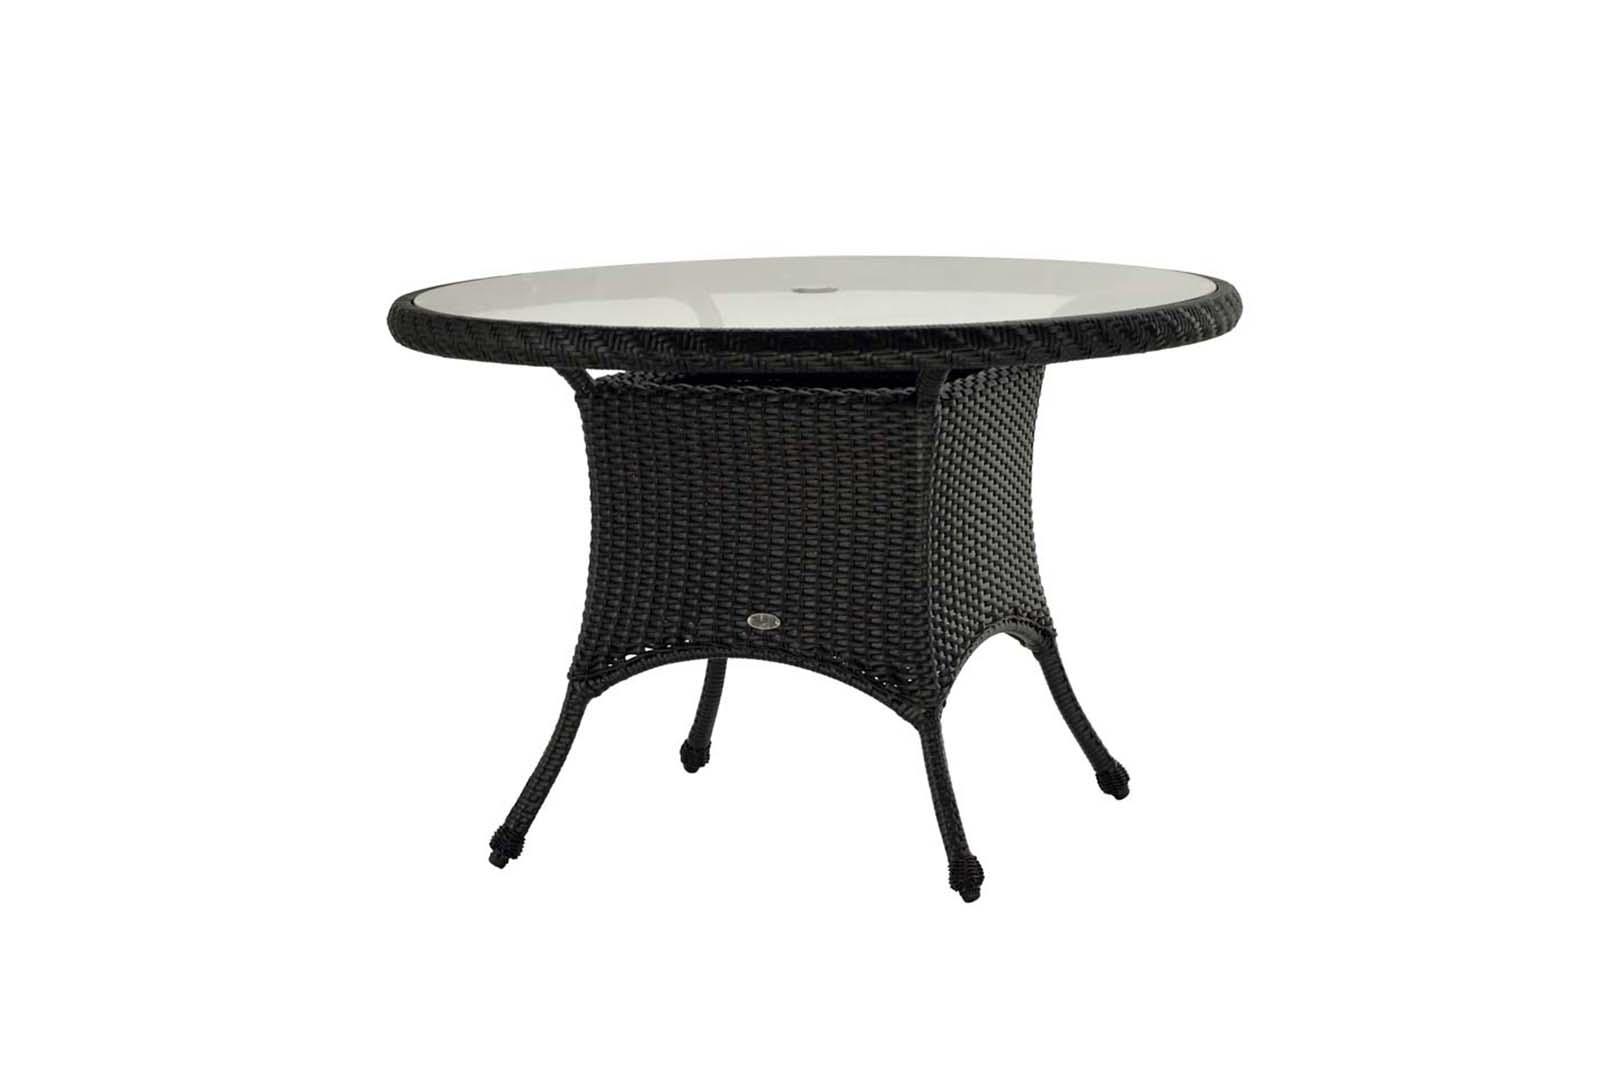 """Sun Valley dining table in 42"""" round size in dark wicker."""